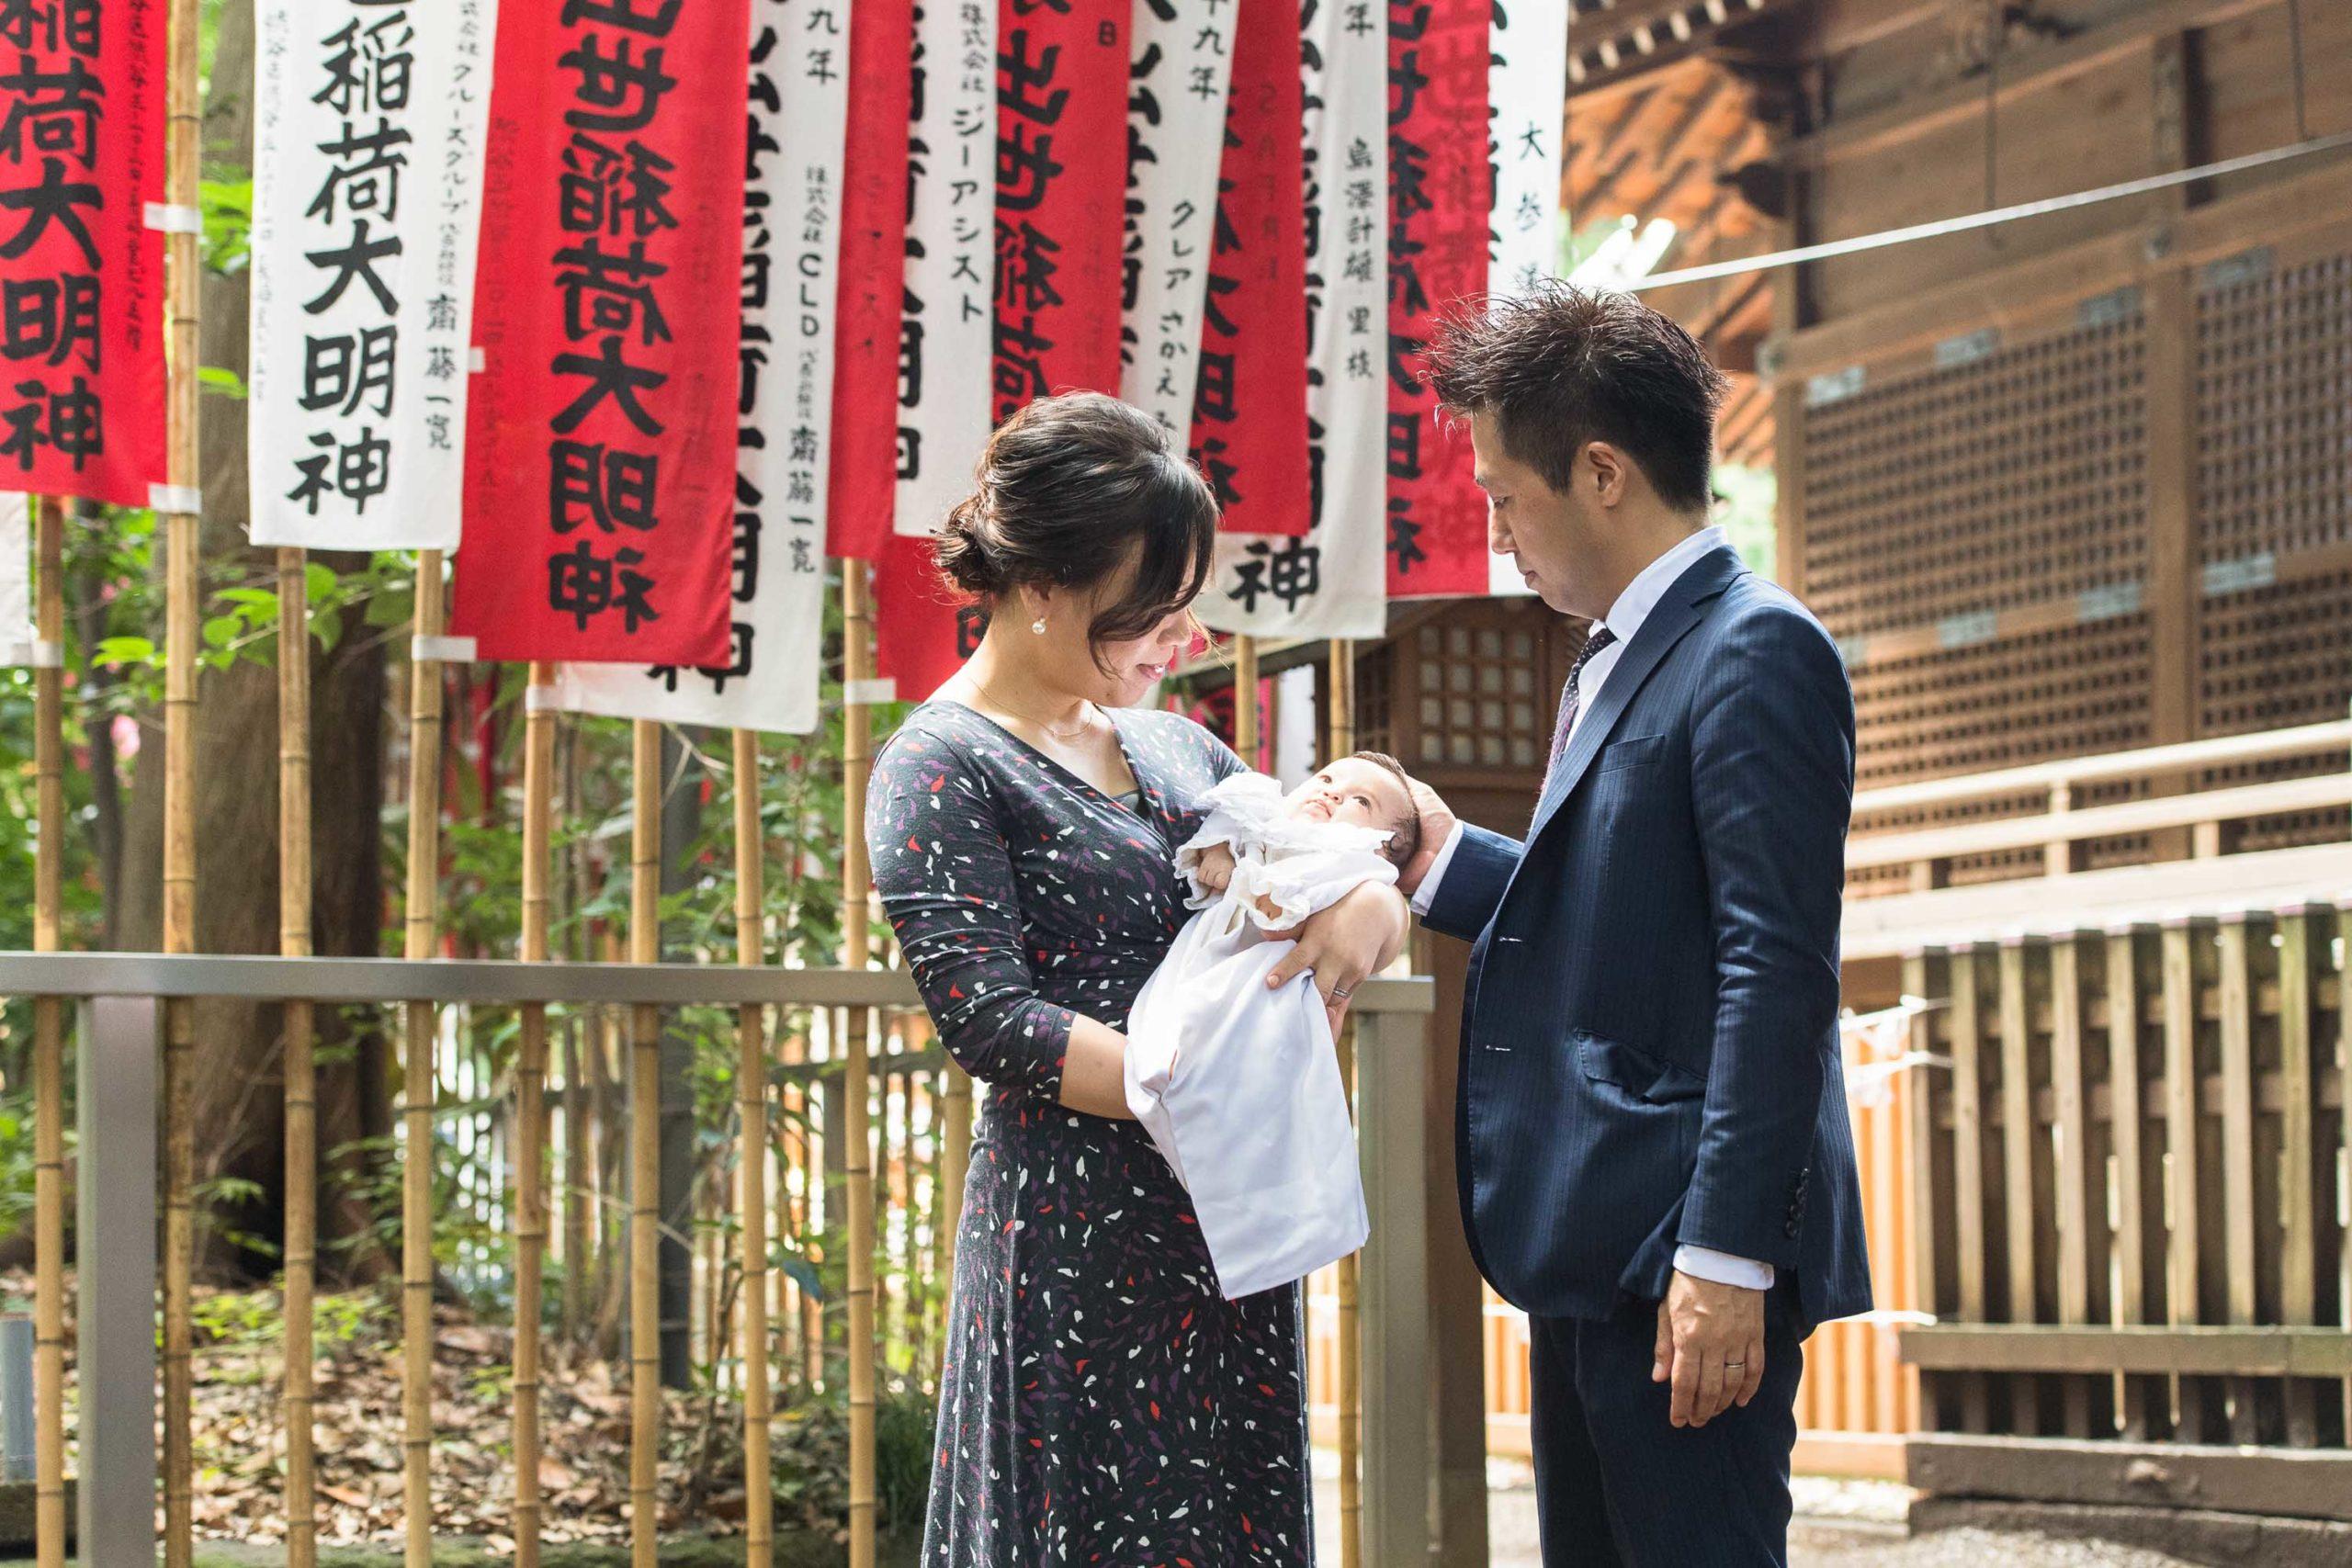 神社旗の前で赤ちゃんを抱く女性と横に立つ男性